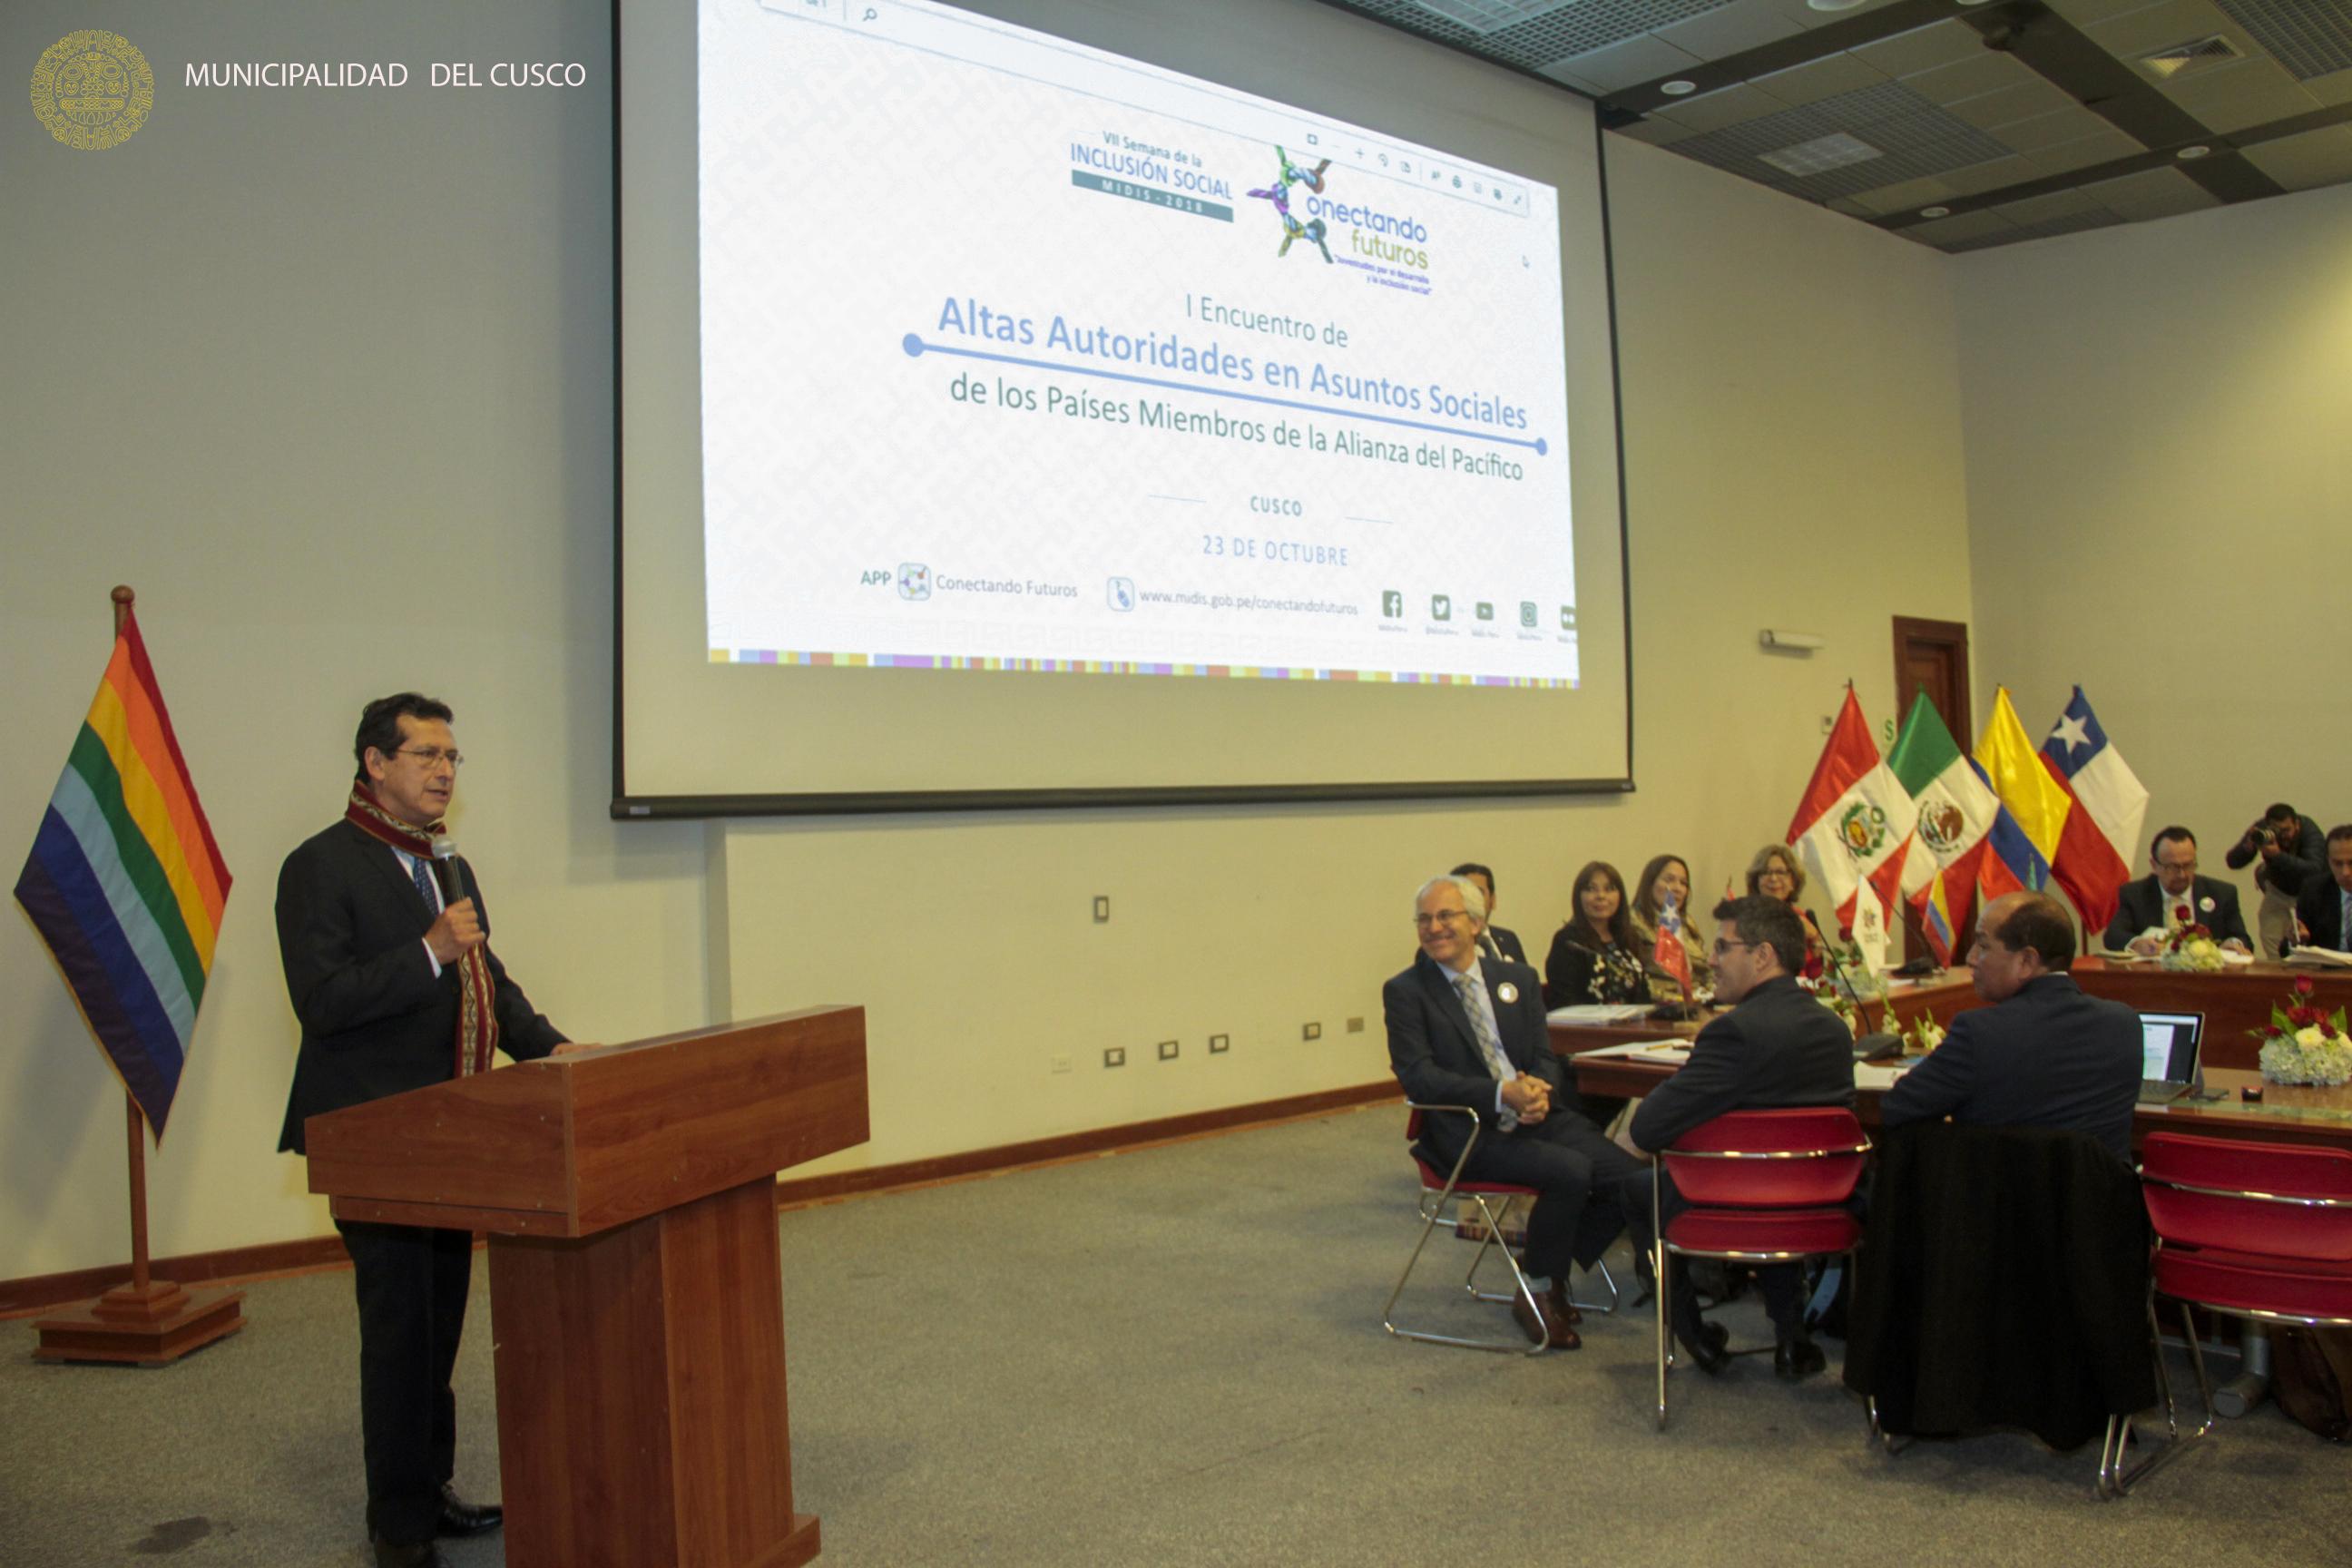 ALTAS AUTORIDADES  EN ASUNTOS SOCIALES  DE  AMÉRICA  LATINA  SE REÚNEN EN LA CIUDAD DEL CUSCO .